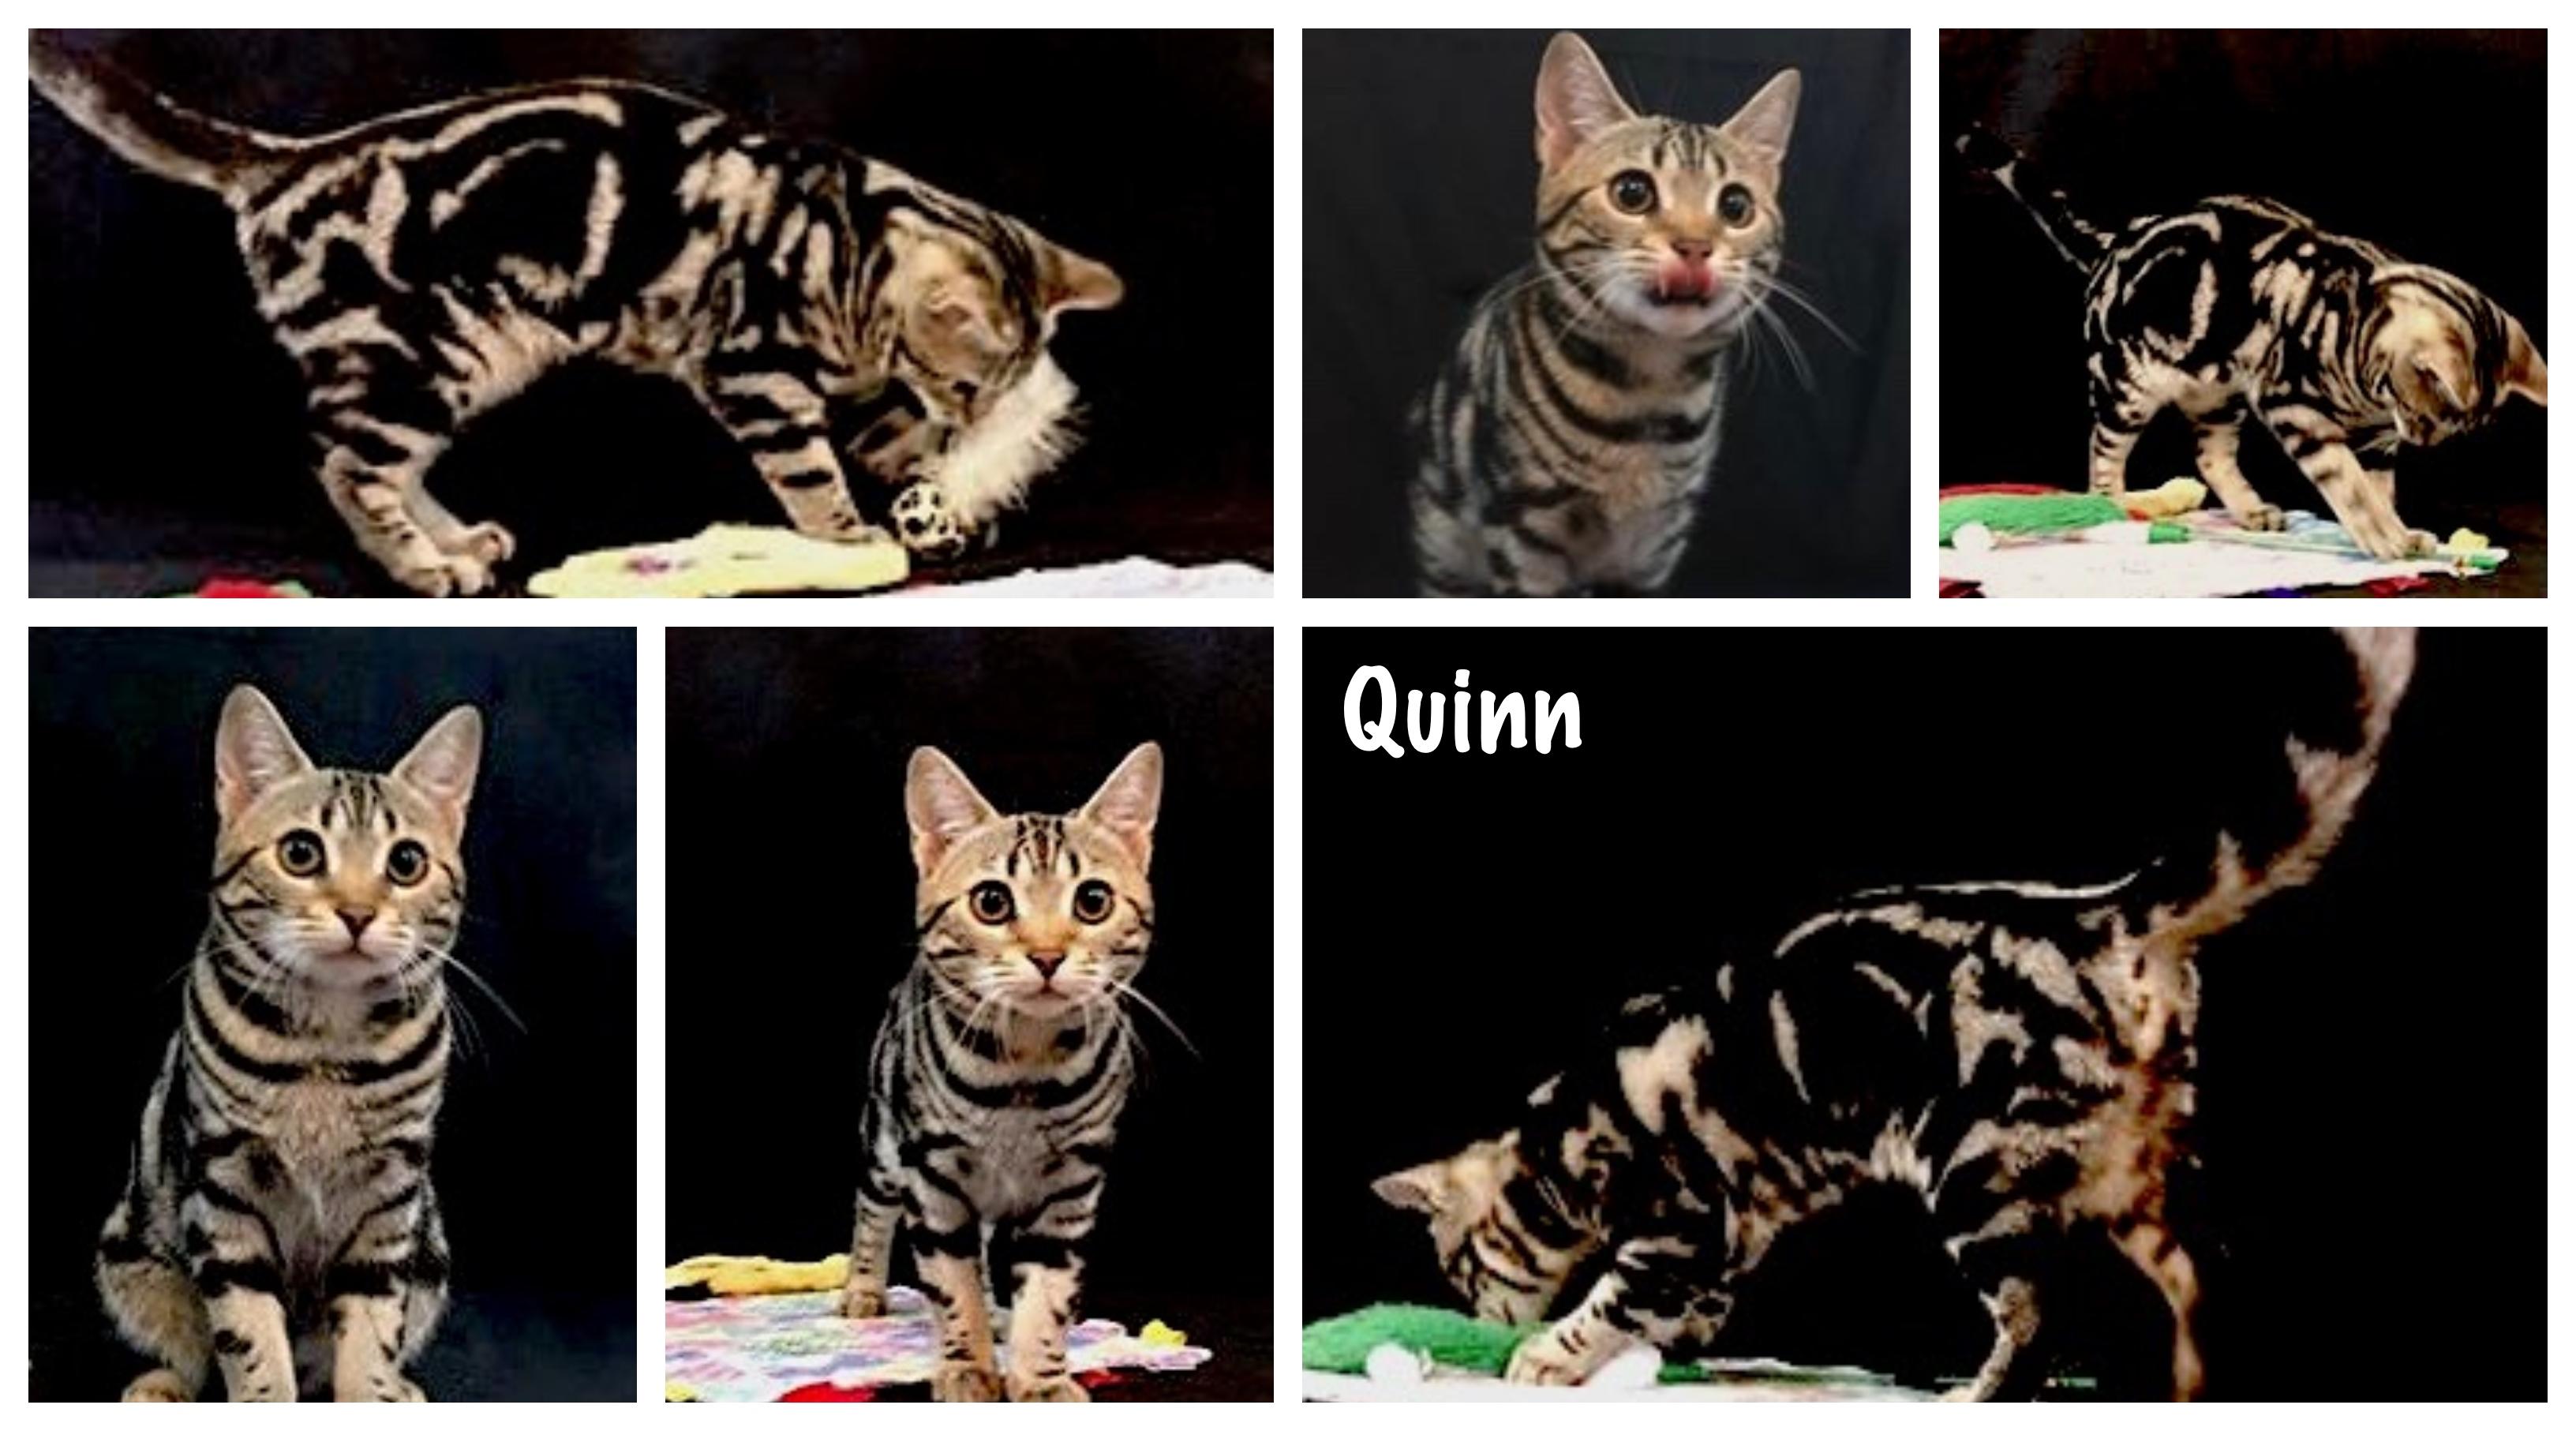 Quinn 20 weeks